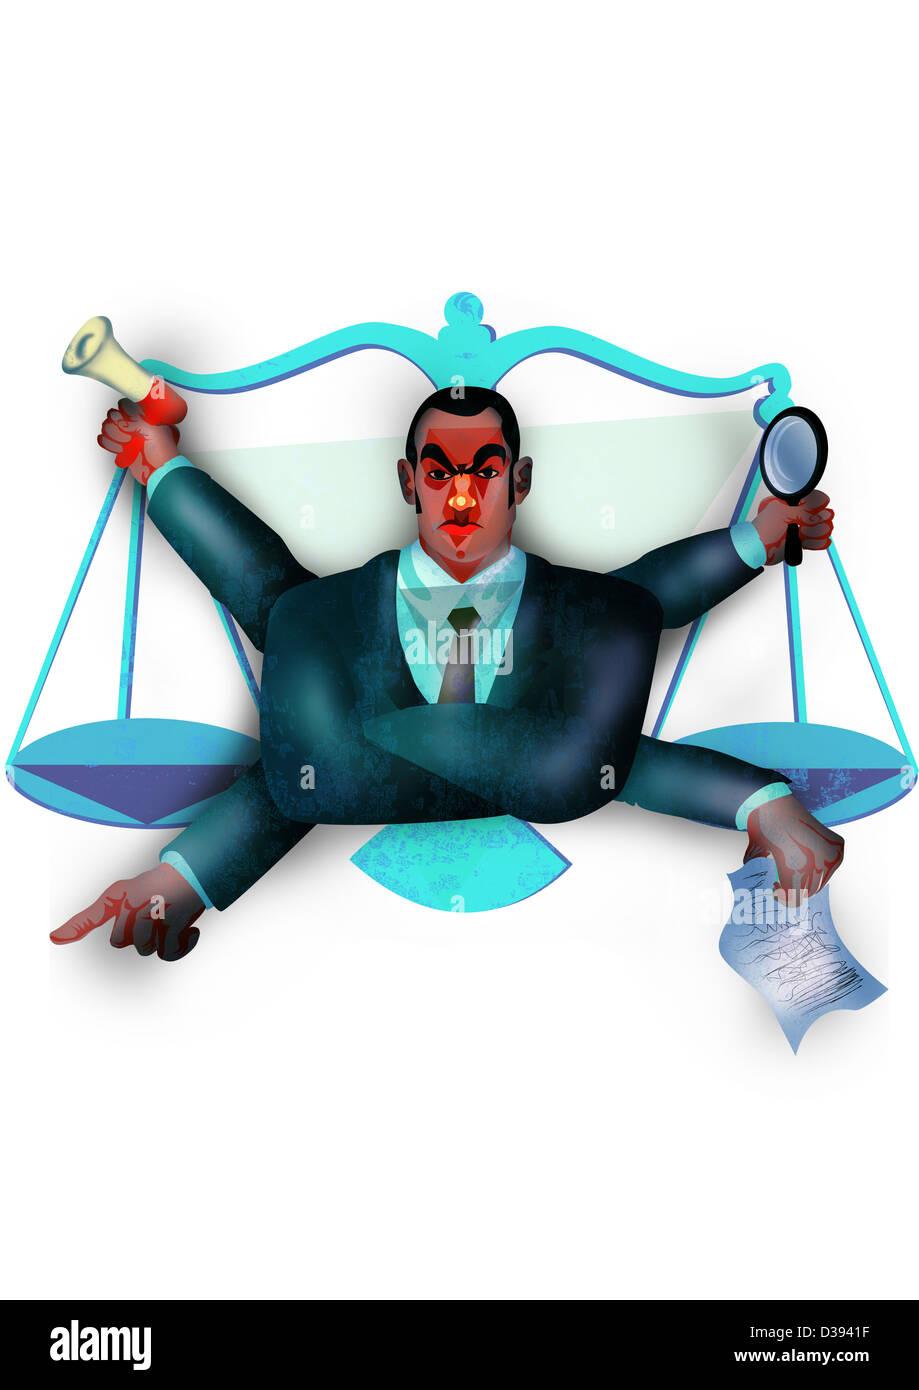 Representación de funcionario con escala de justicia Imagen De Stock